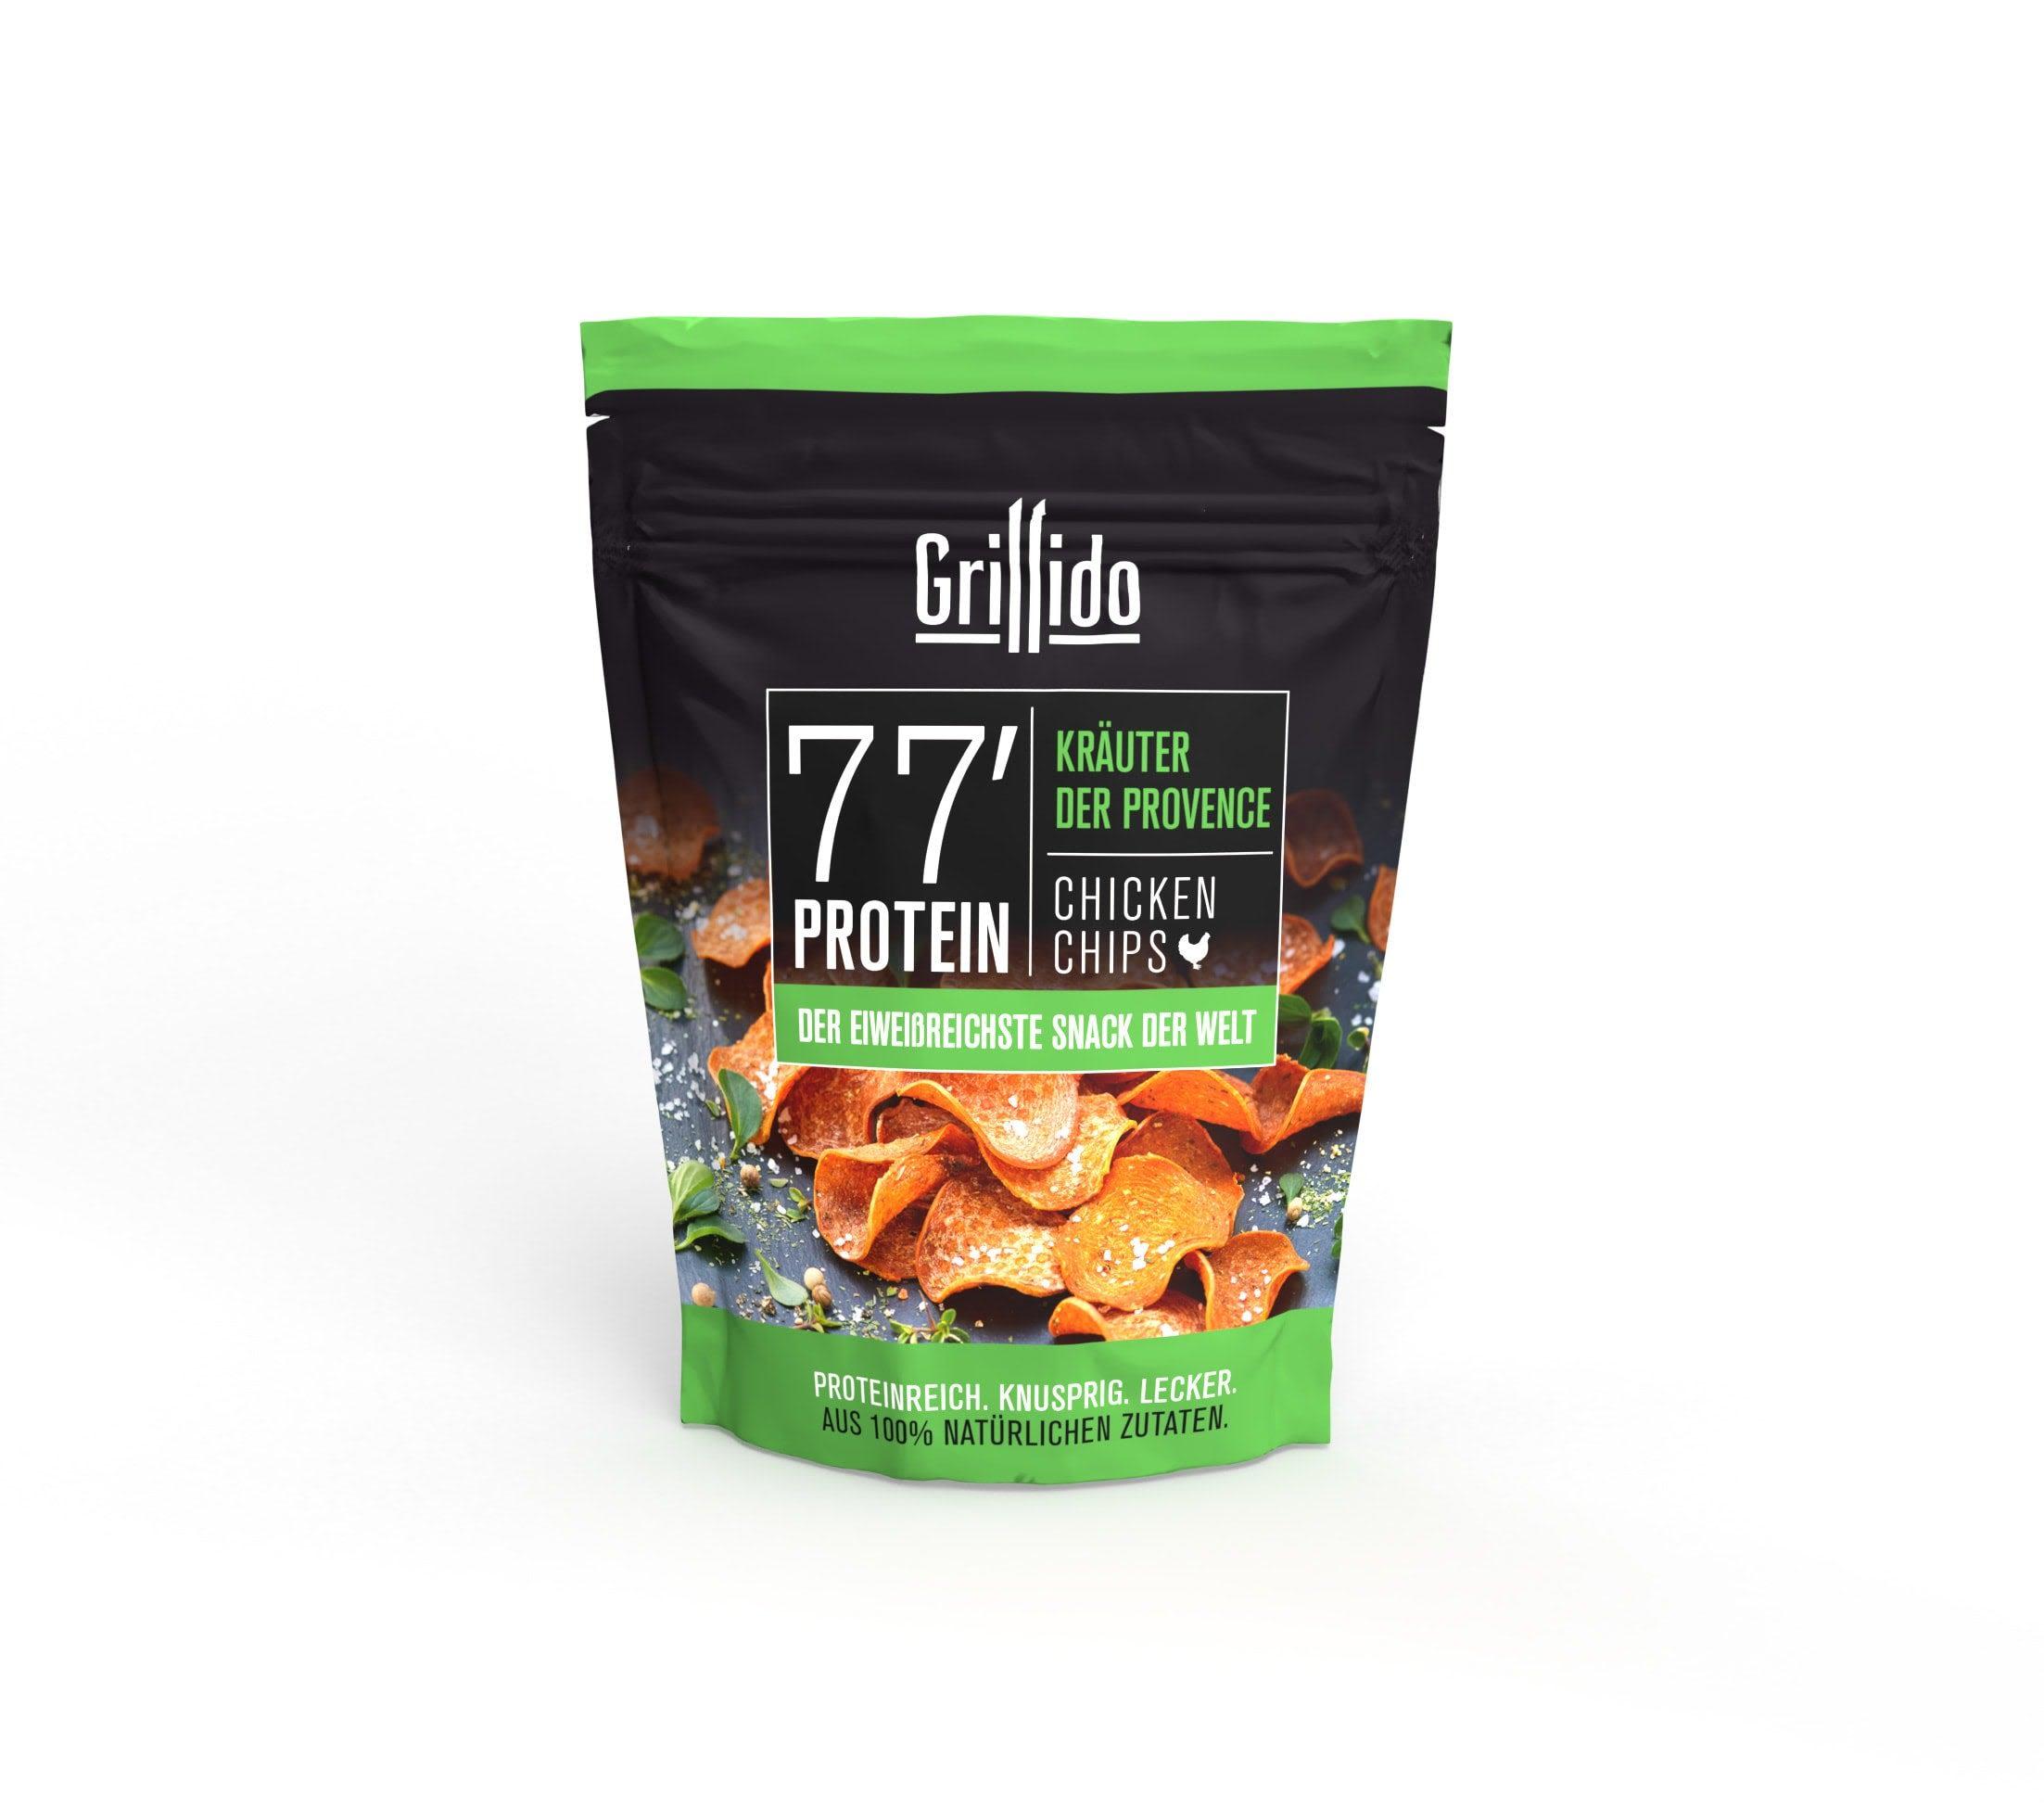 Grillido Chips Hähnchen mit Kräuter der Provence